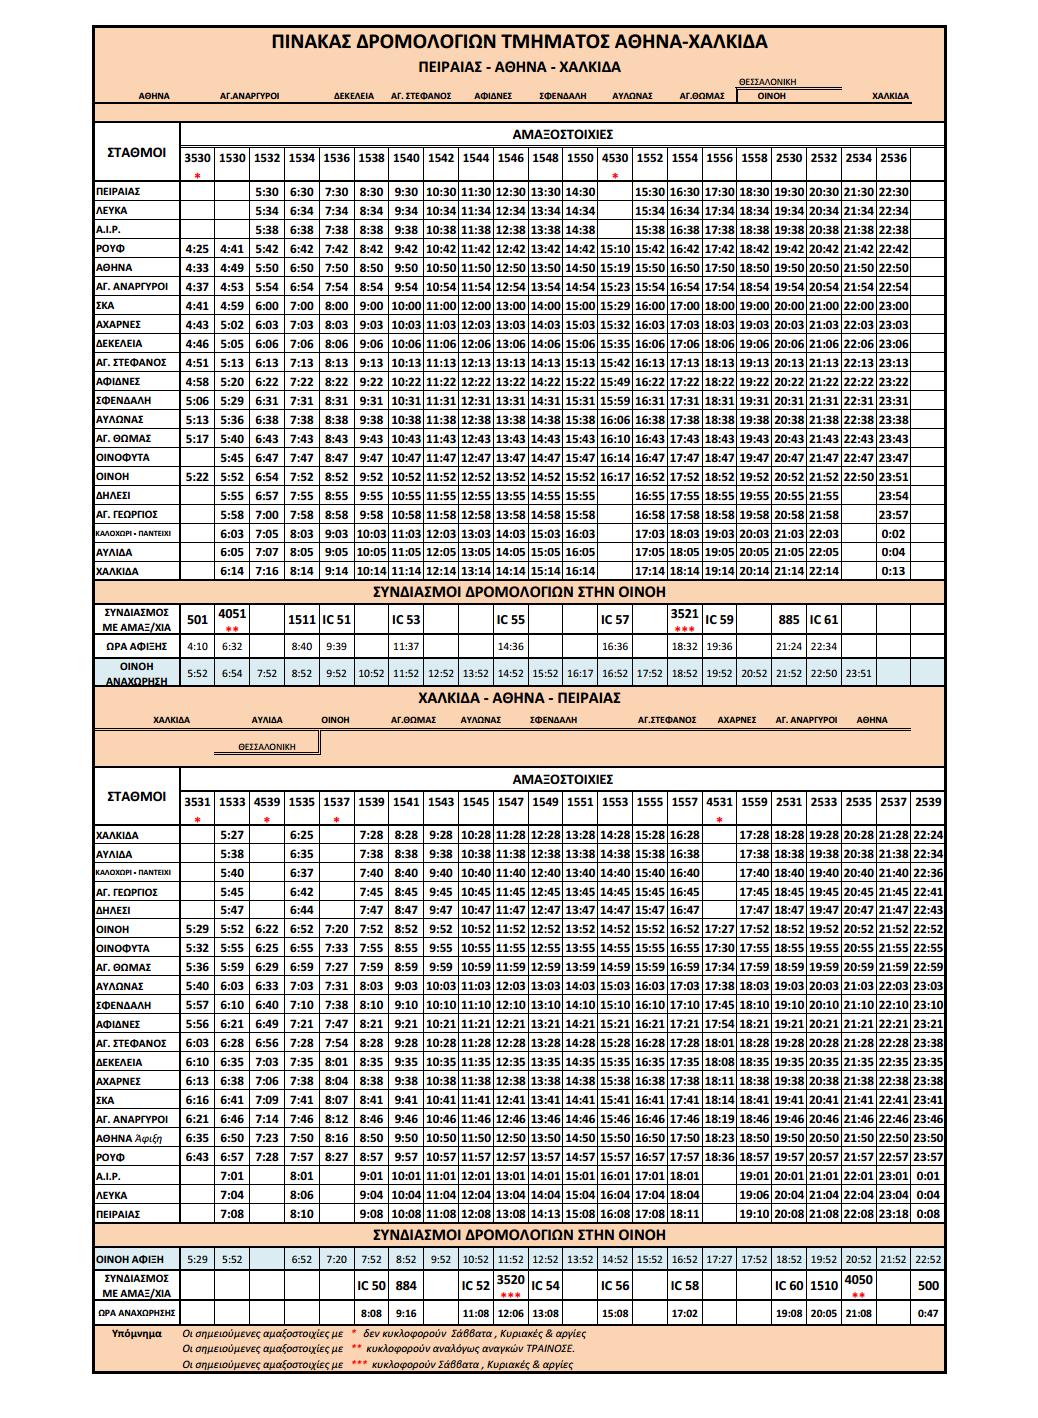 Εισιτήρια ΤΡΑΙΝΟΣΕ στον άξονα Πειραιάς - Αθήνα (Σταθμός Λαρίσης) - ΣΚΑ - Οινόη - Χαλκίδα (κλικ για μεγέθυνση)